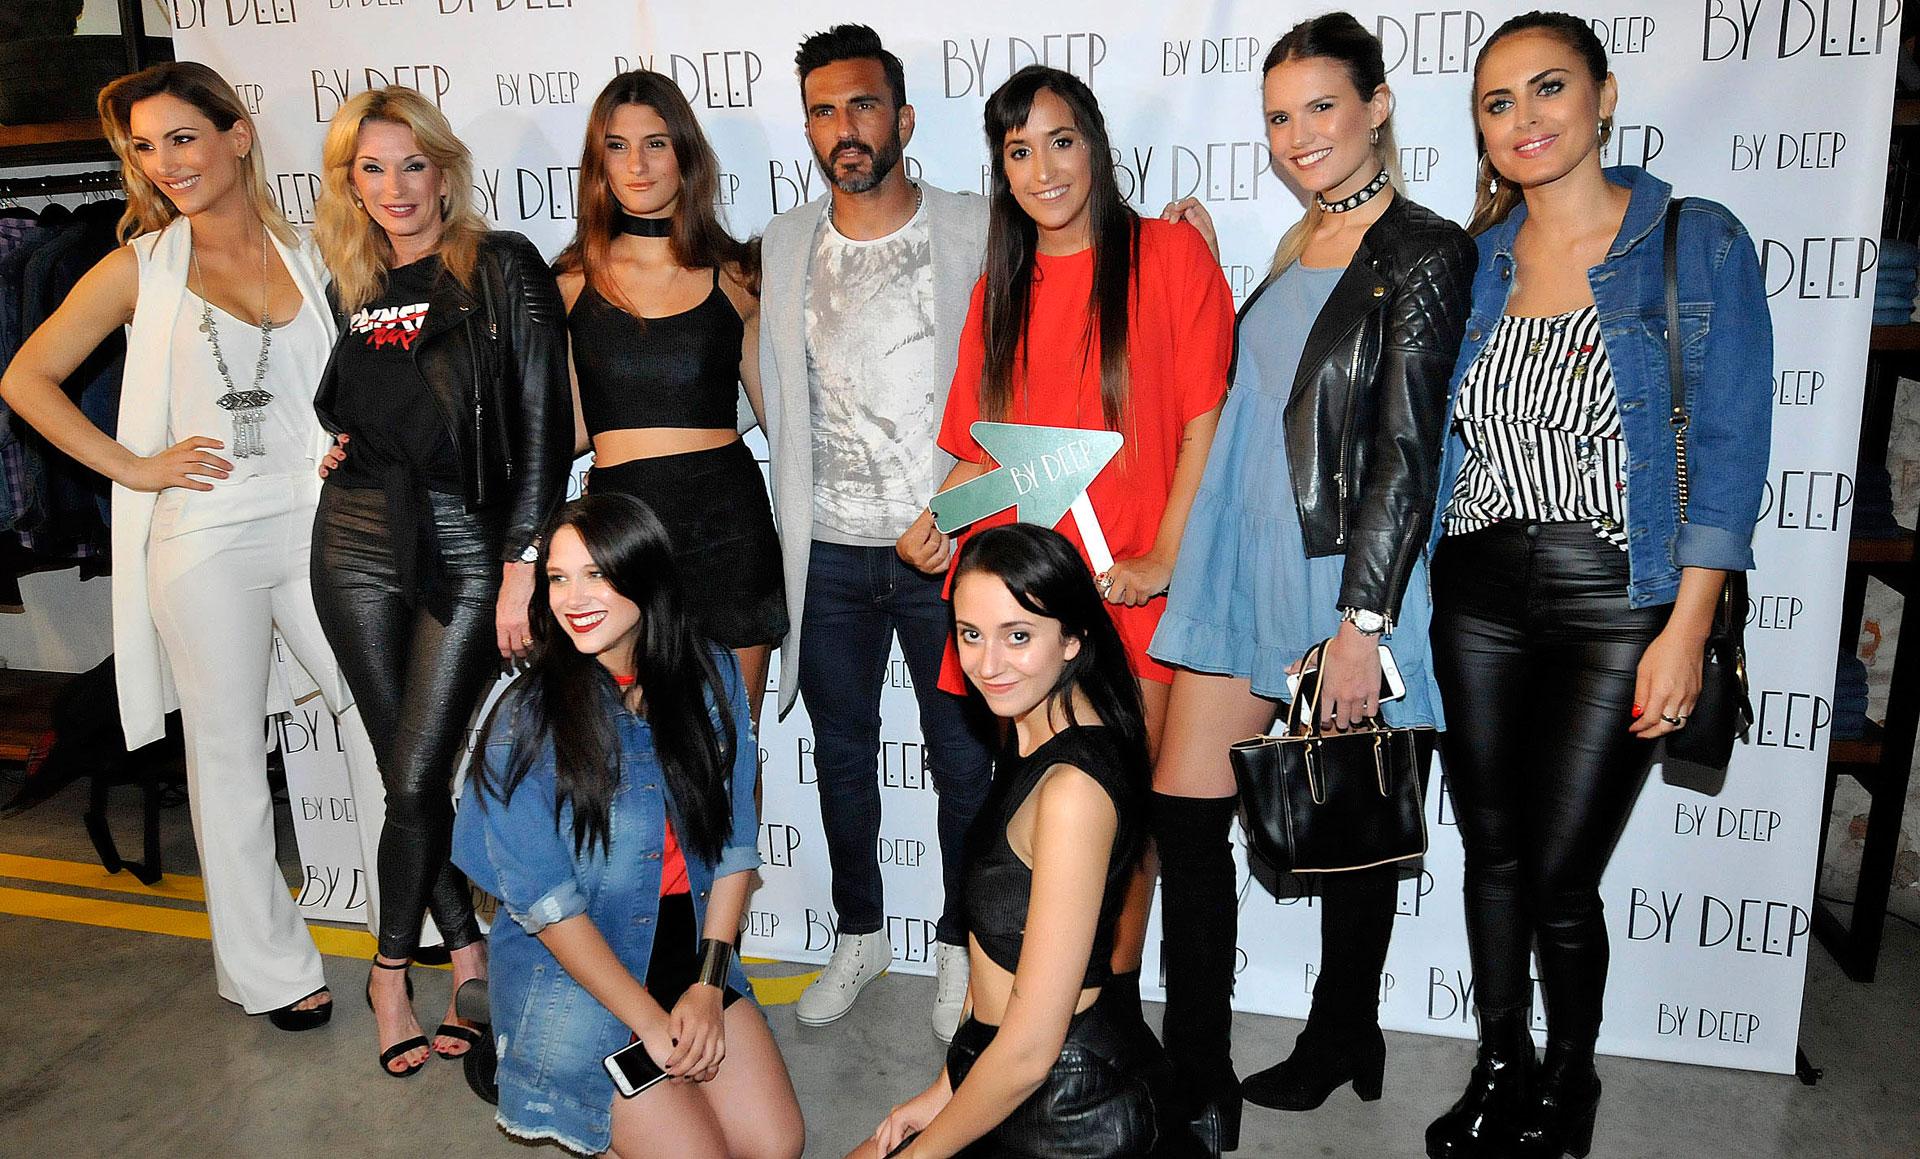 Fabián Cubero rodeado de famosas, como Yanina Latorre, Silvina Luna, Nai Awada y Barbie Vélez, entre otras. El futbolista se robó las miradas en un evento de una marca de ropa (Verónica Guerman)